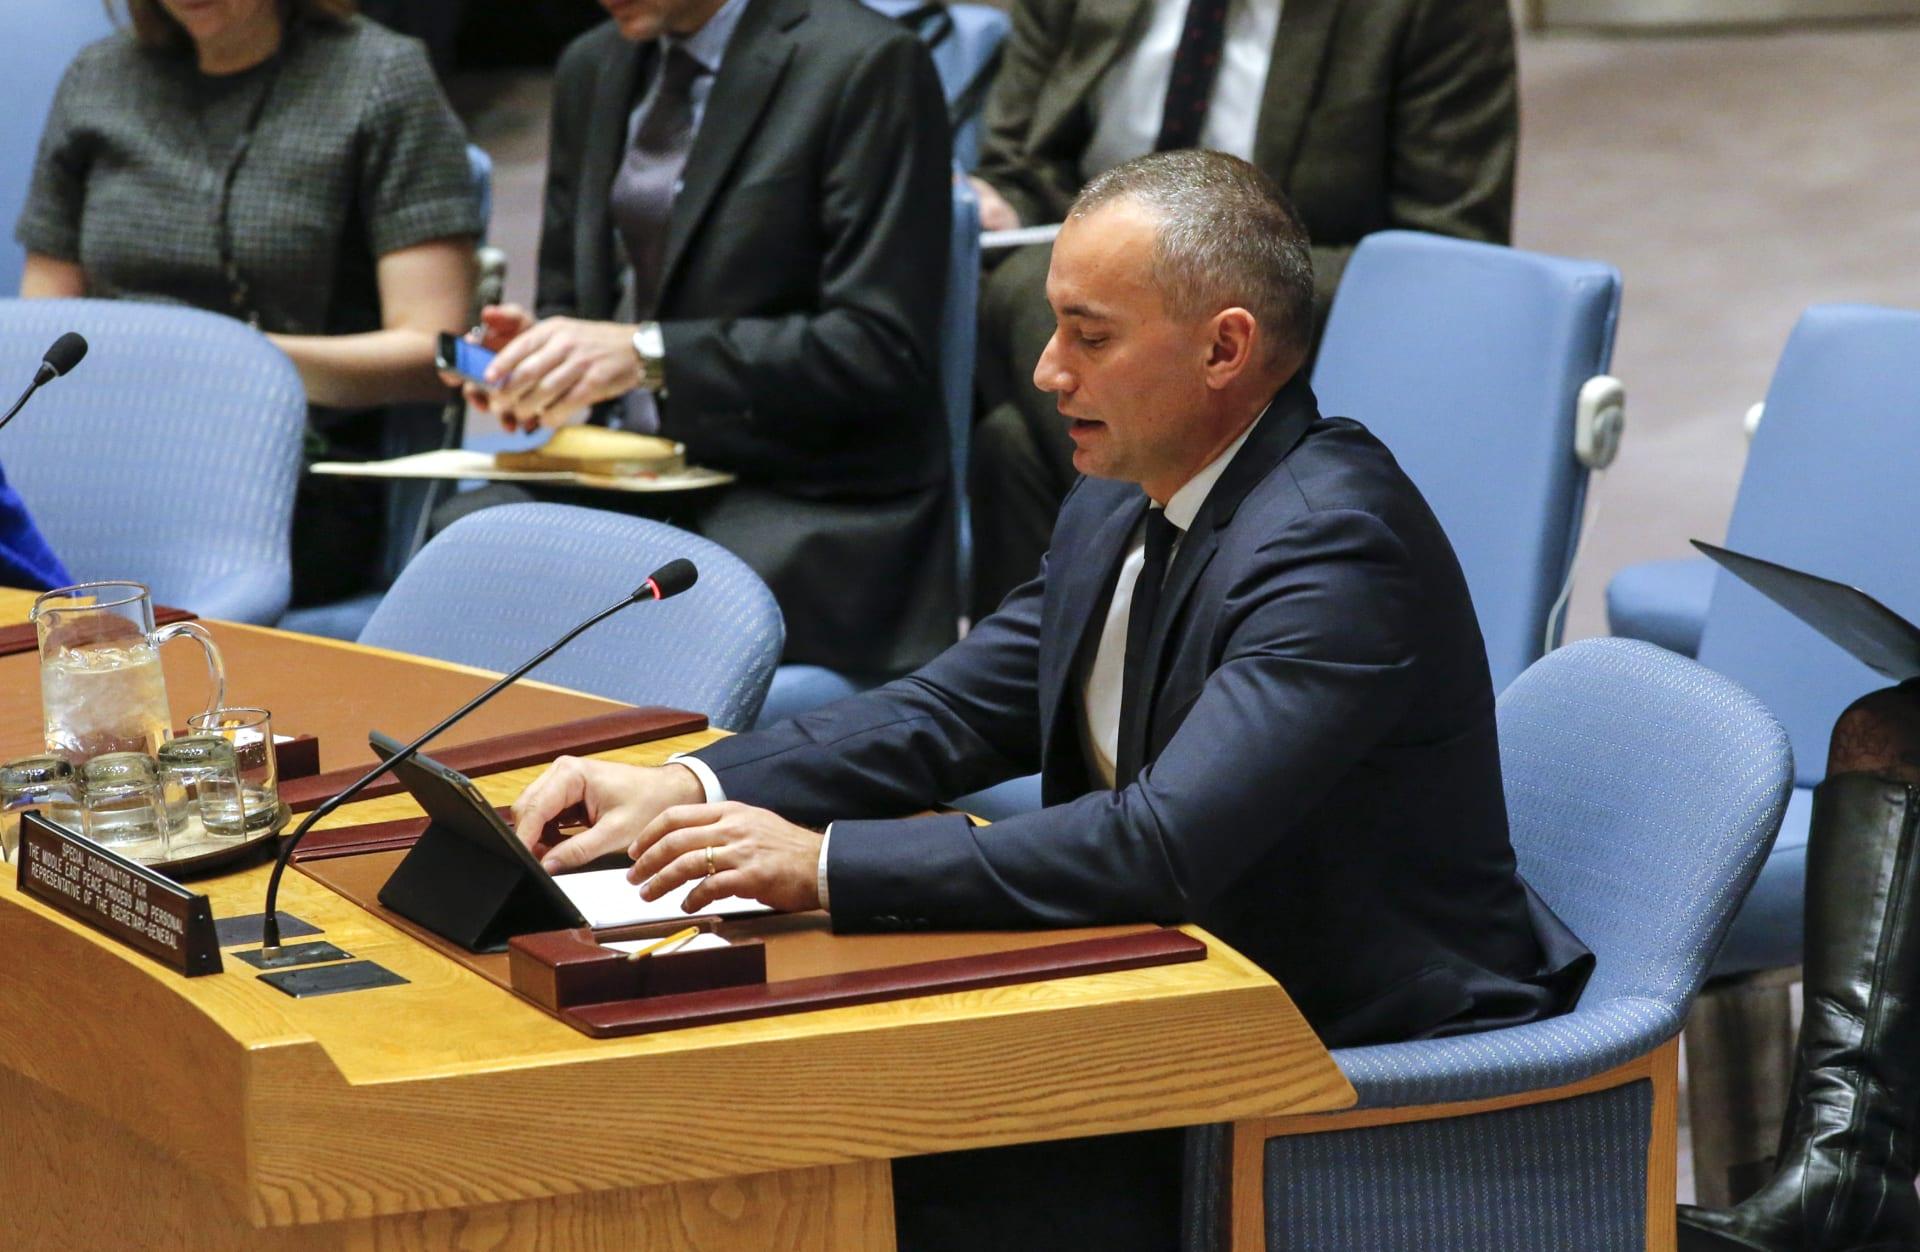 نيكولاي ميلادينوف: ندعم جهود الحكومة الفلسطينية من أجل تحمل مسؤولياتها في غزة